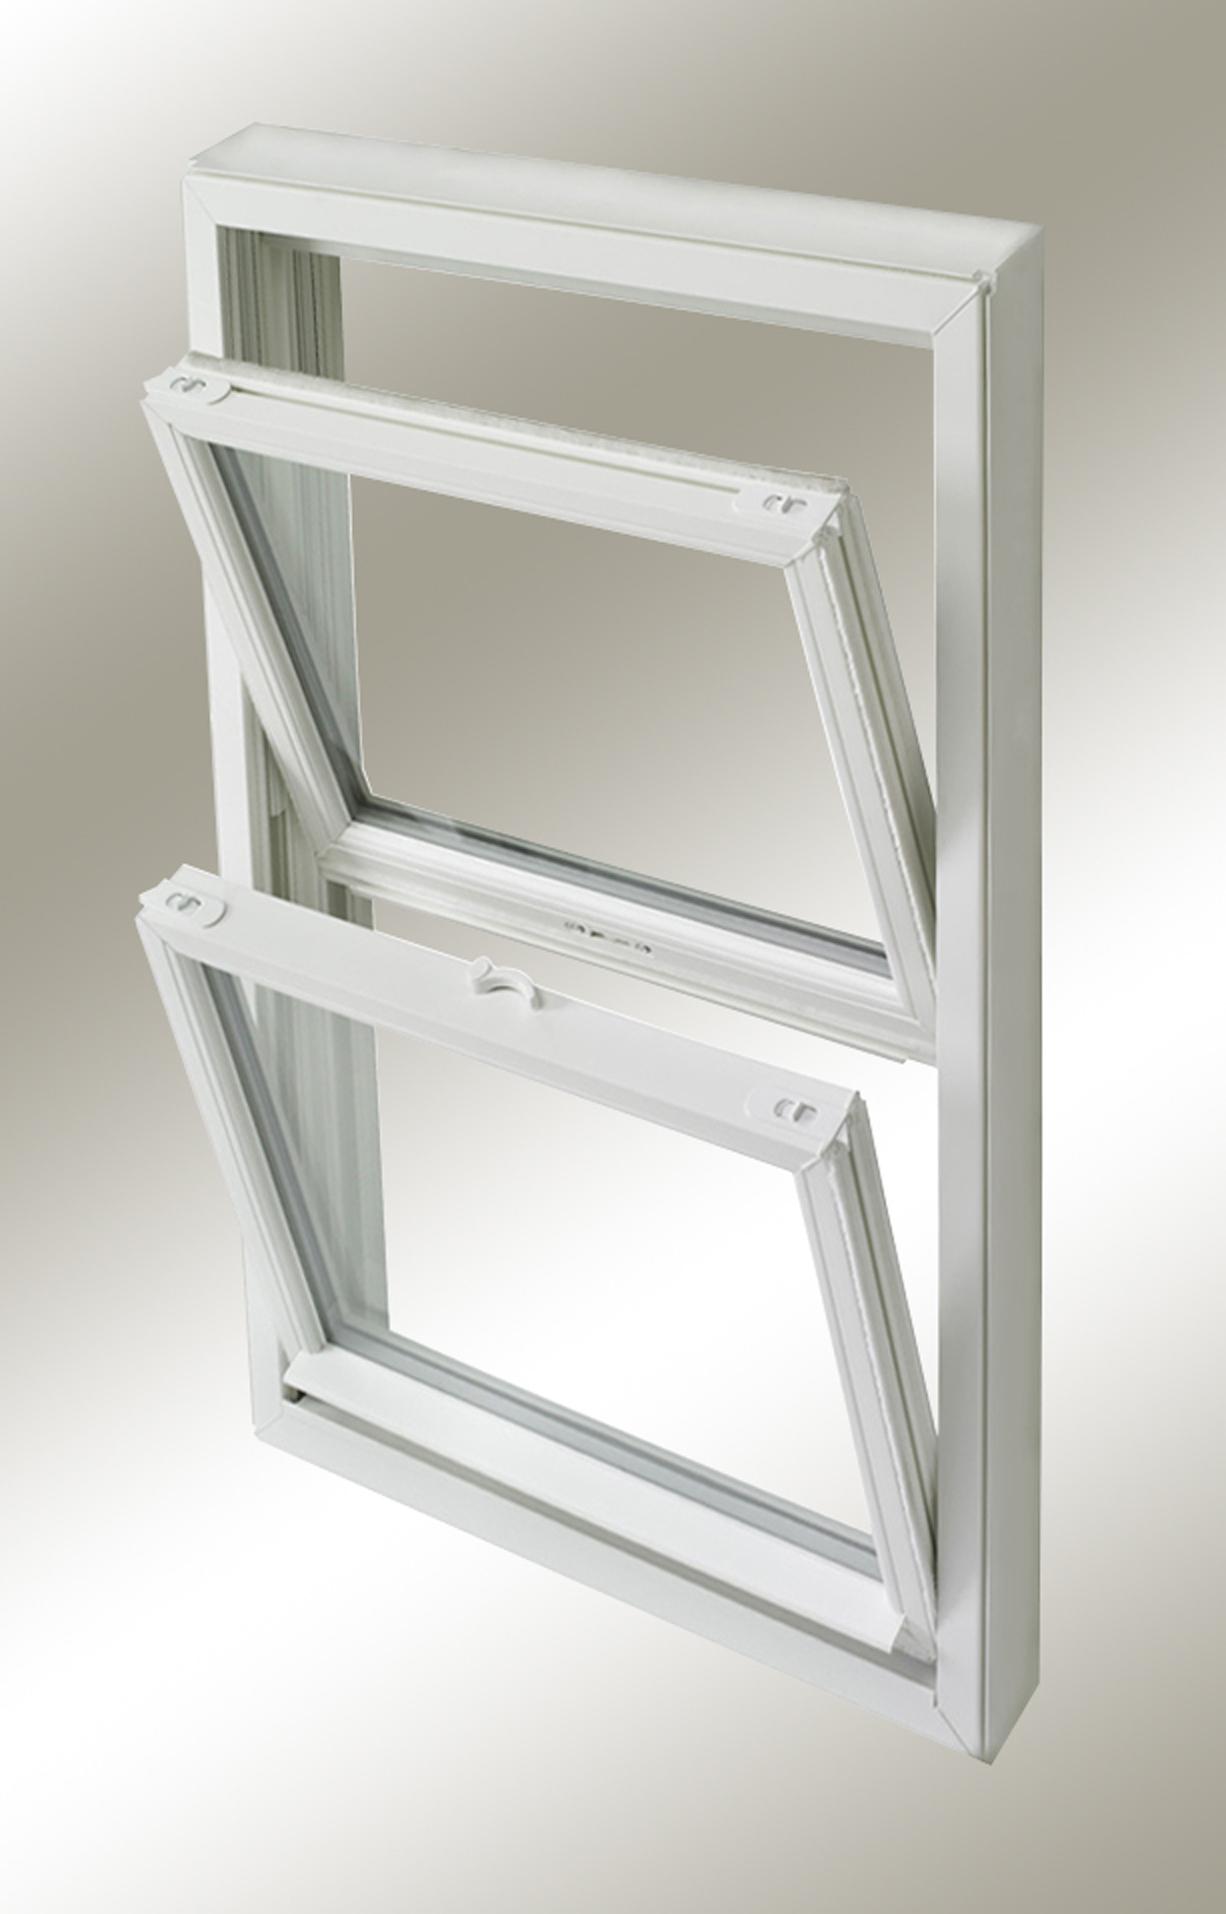 Crestline Pocket Replacement Vinyl Windows Window Amp Door